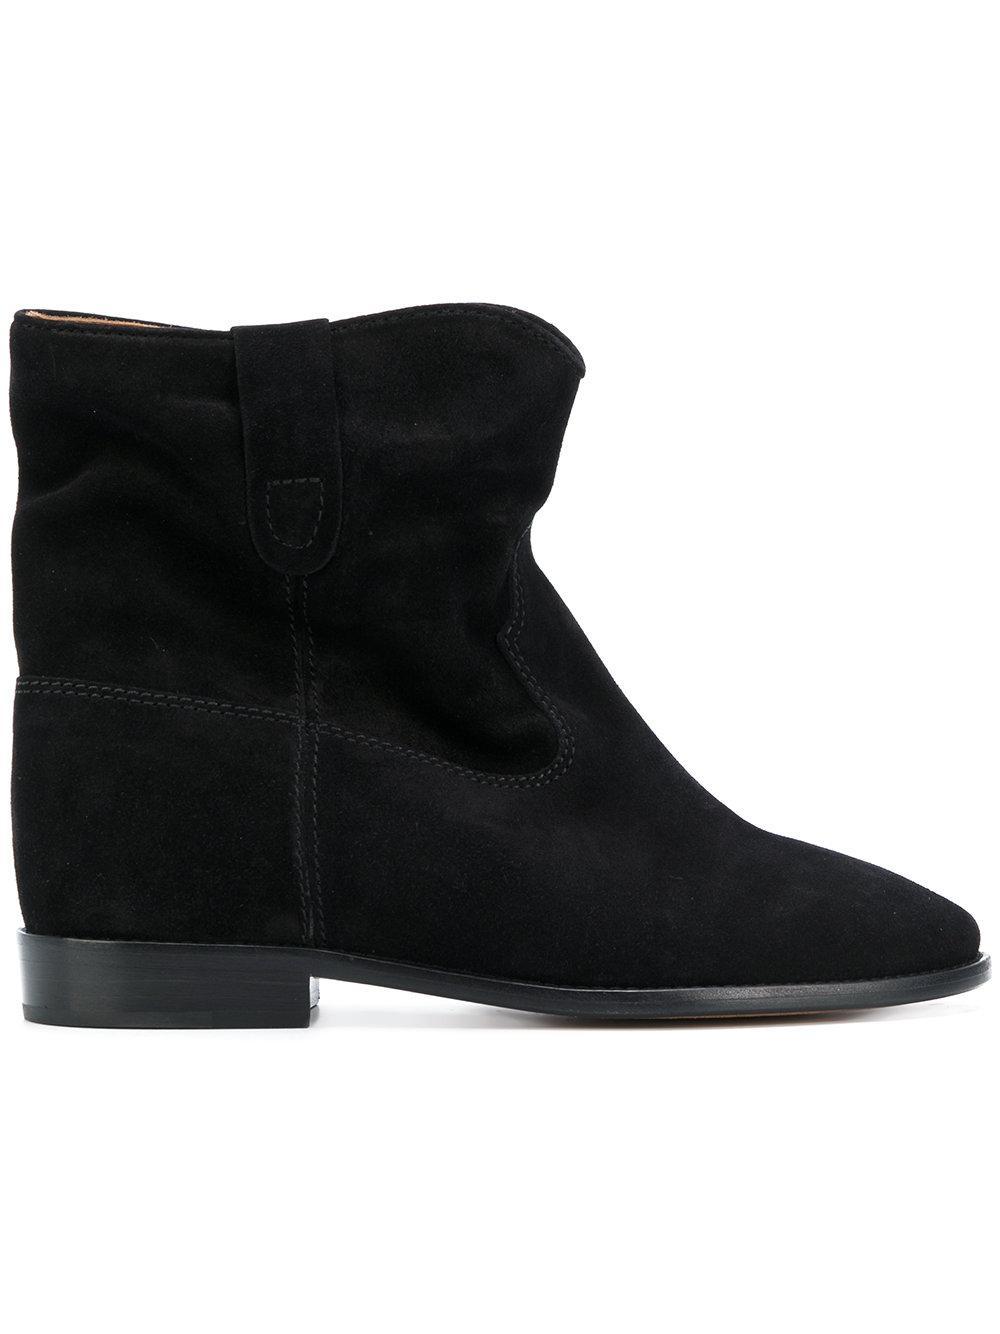 isabel marant crisi boots in black lyst. Black Bedroom Furniture Sets. Home Design Ideas